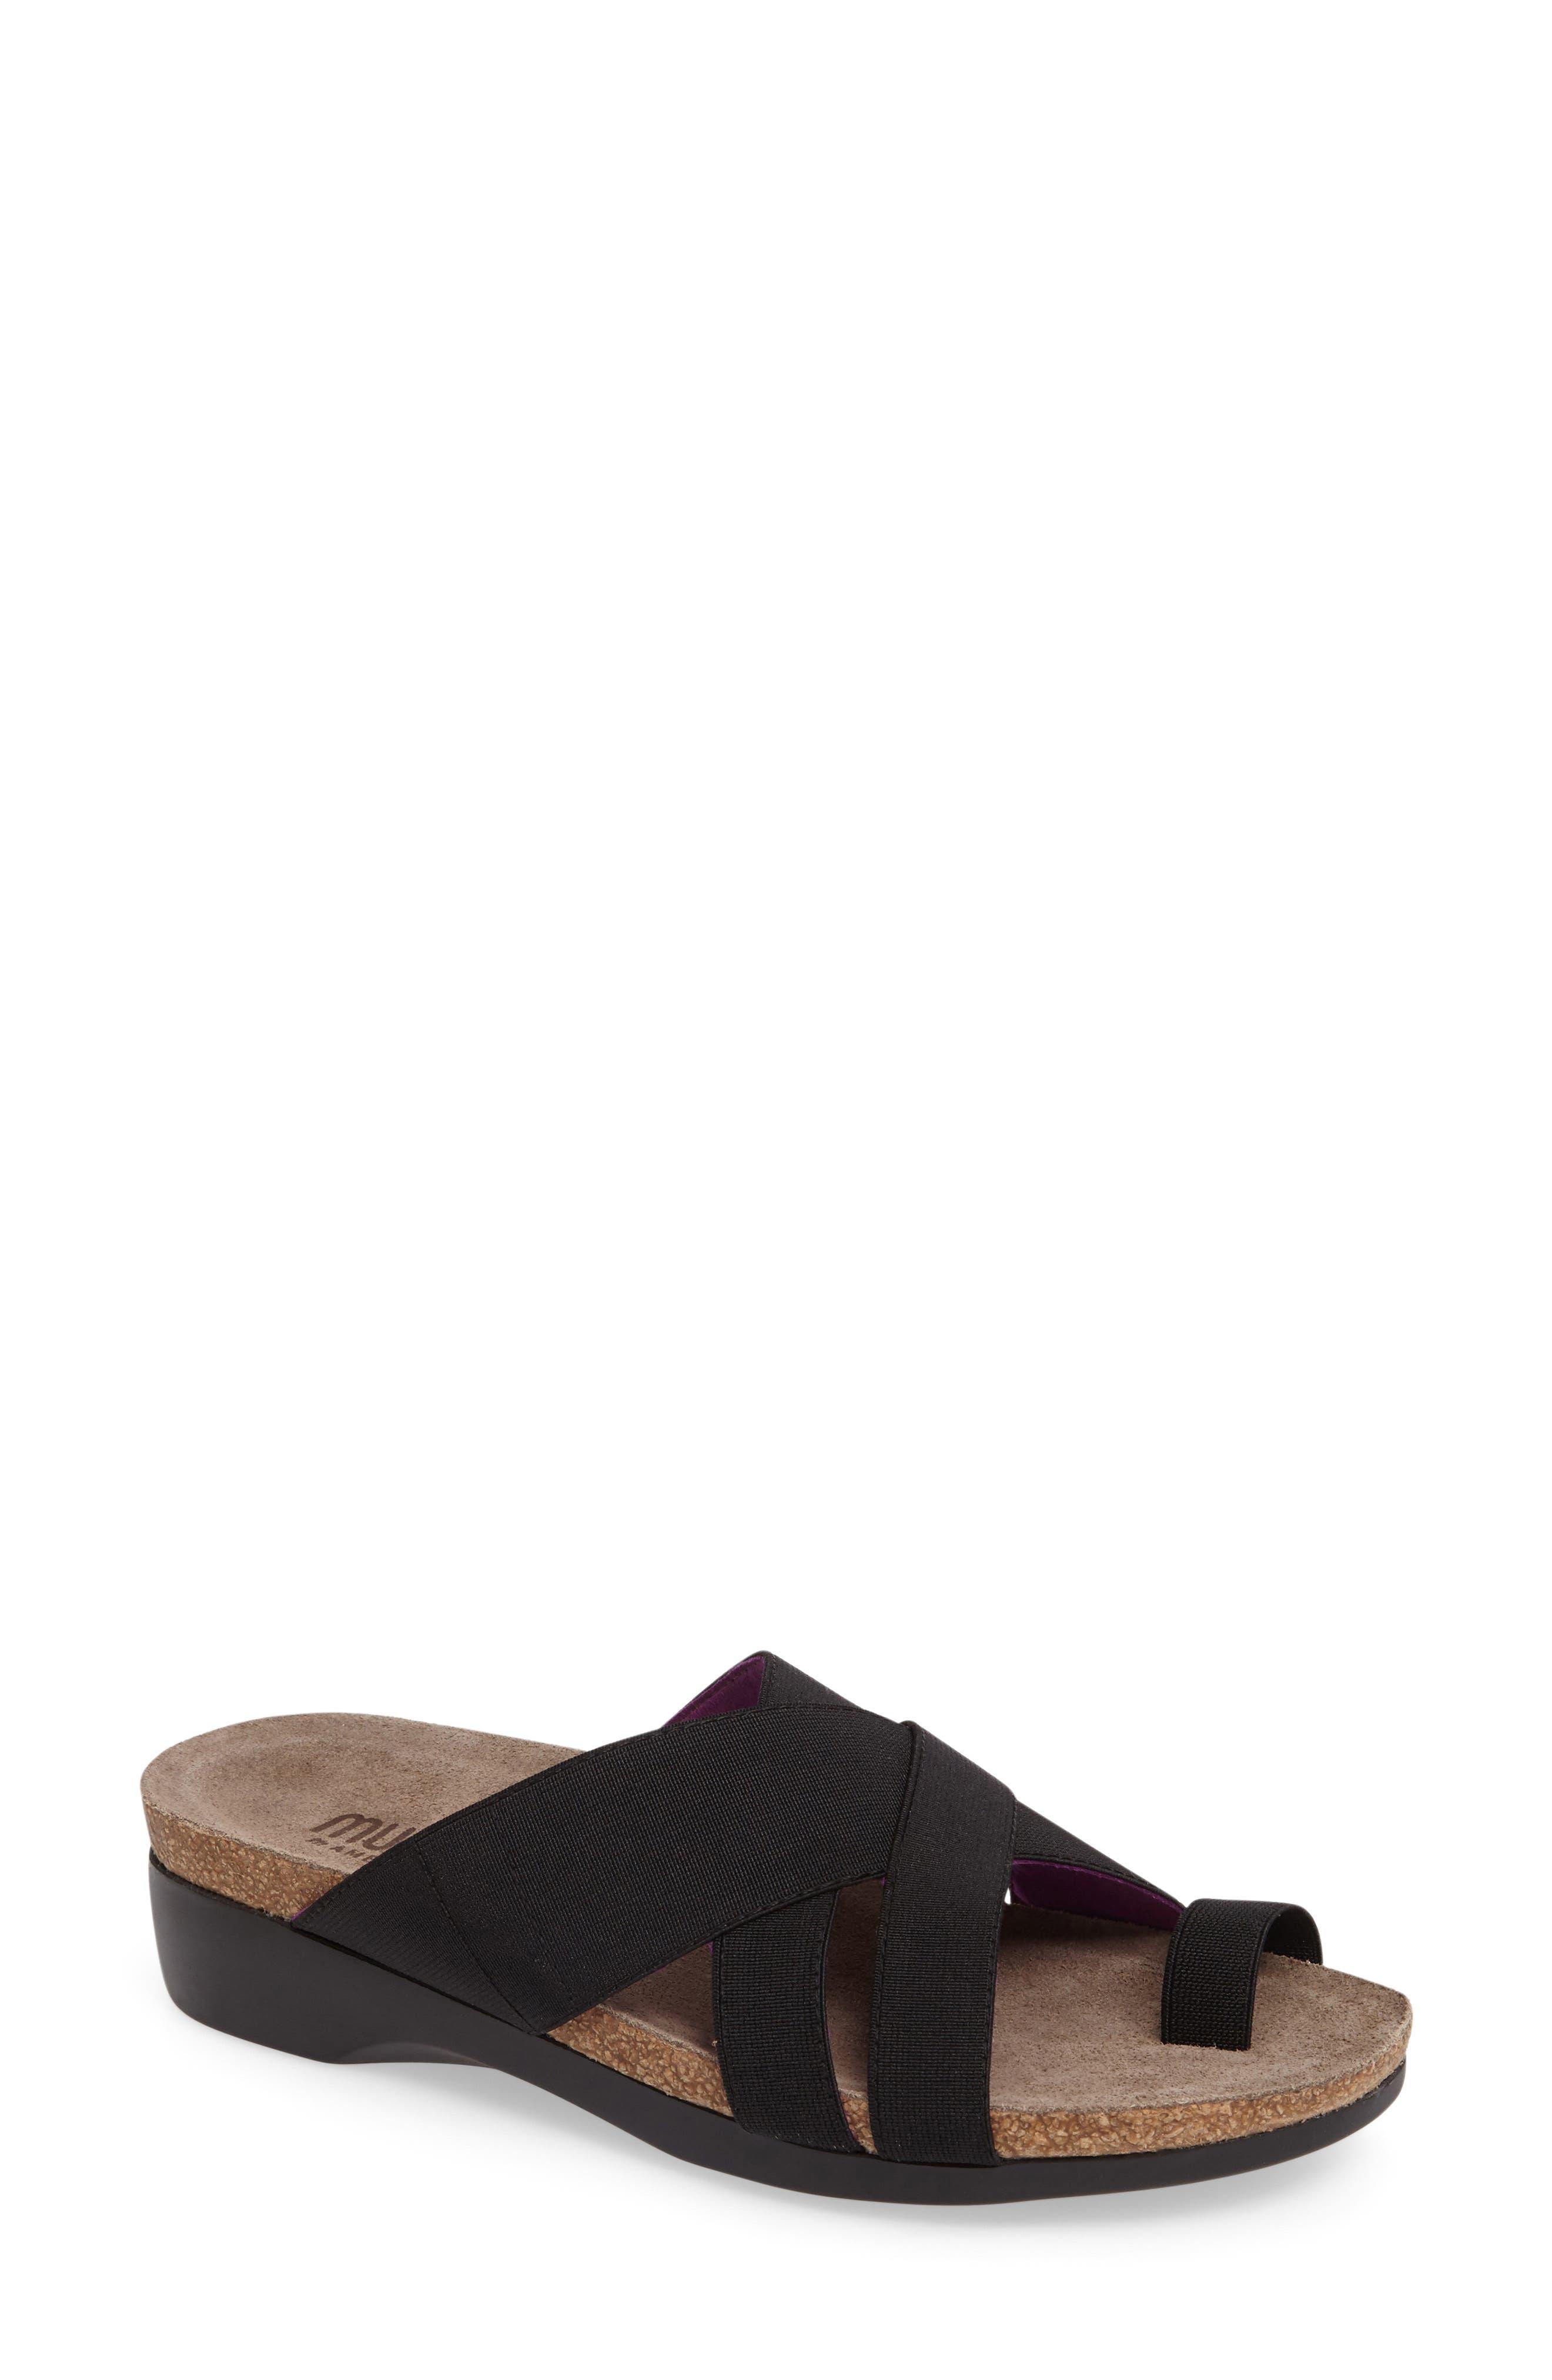 Delphi Slide Sandal,                             Main thumbnail 1, color,                             001